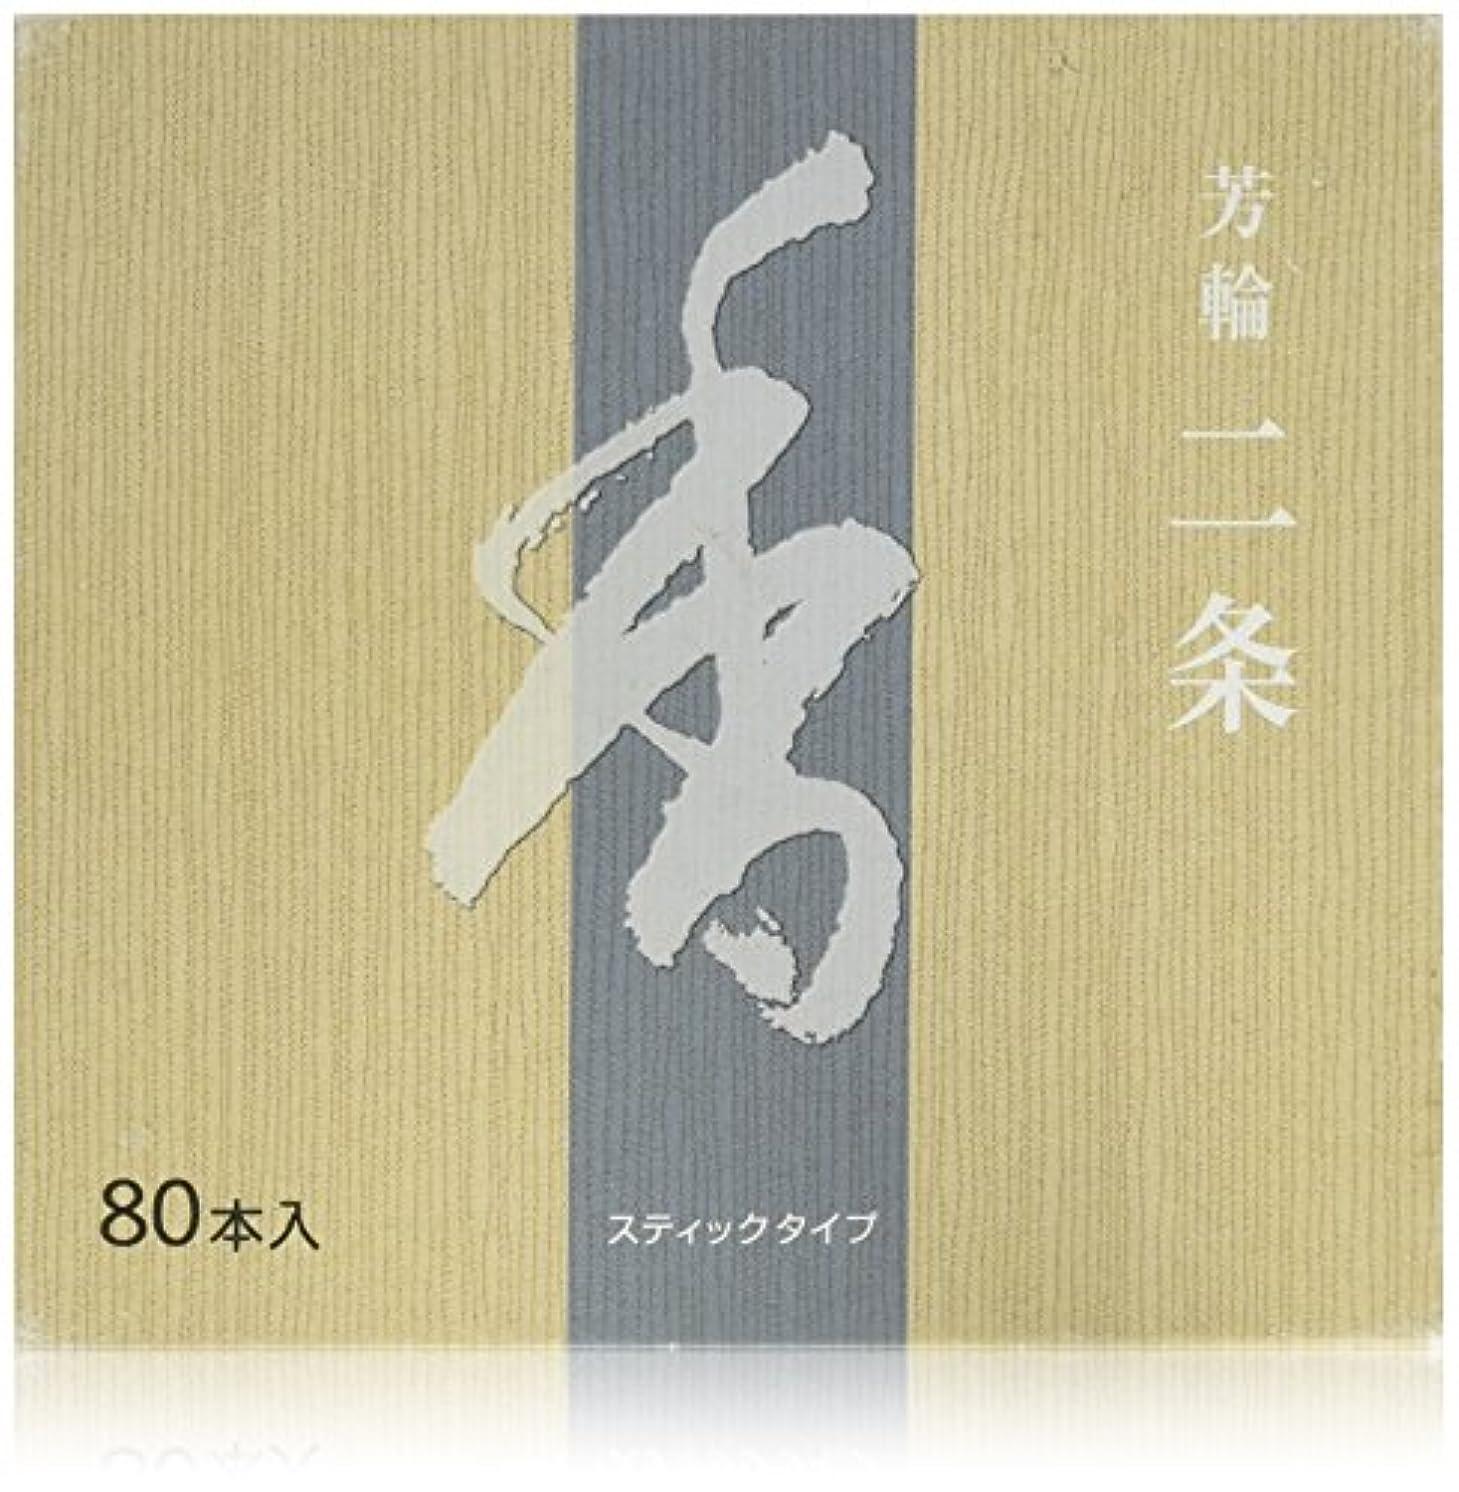 紀元前群がるステッチ松栄堂のお香 芳輪二条 ST徳用80本入 簡易香立付 #210124